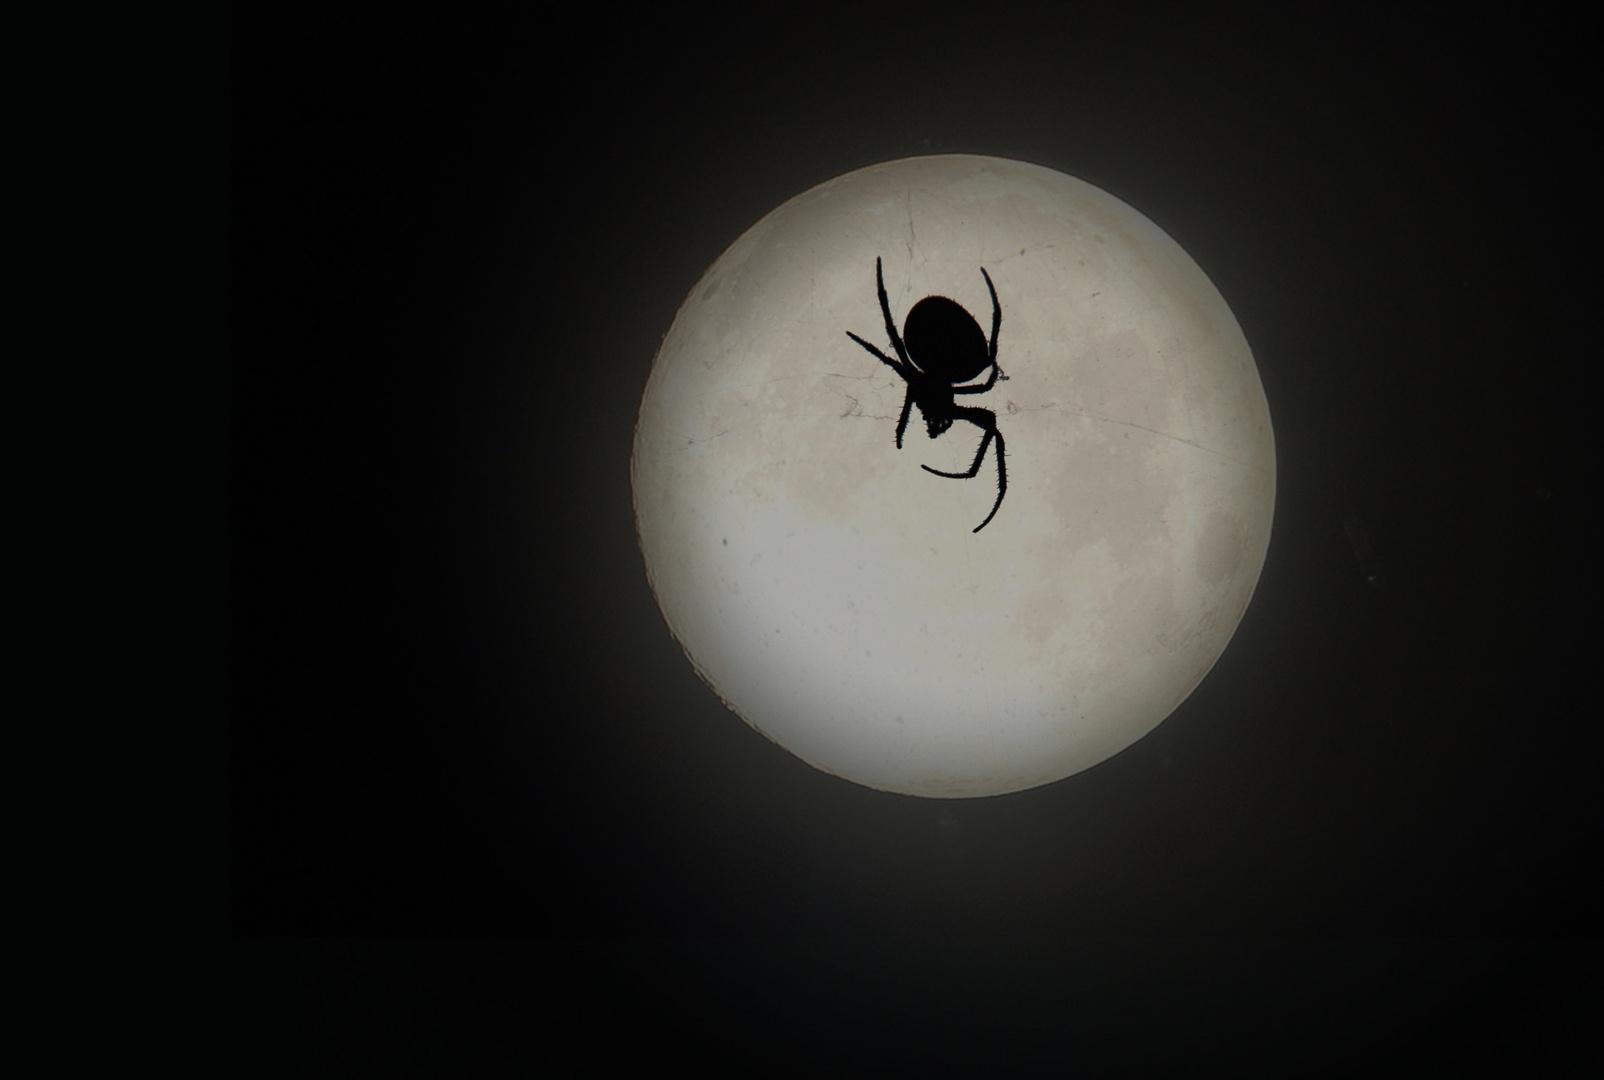 Spinne im Mond - Halloween